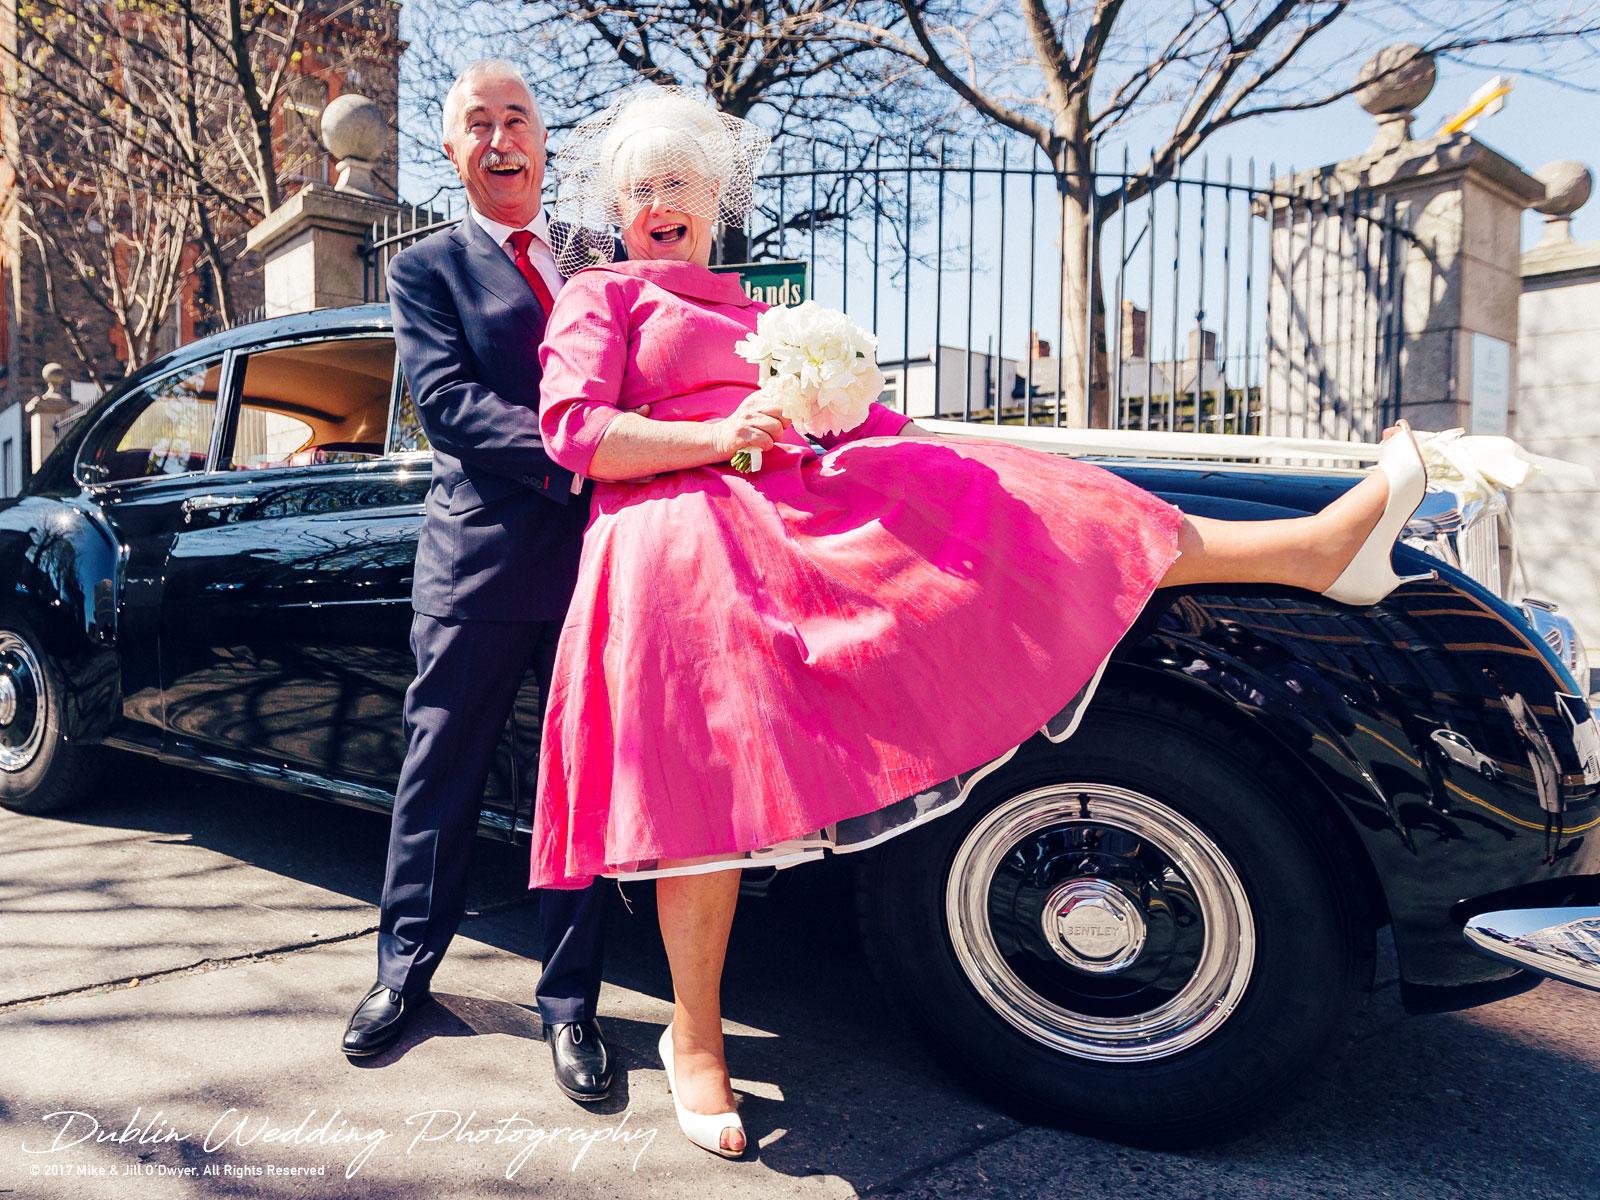 Dublin Wedding Photographer City Streets 019